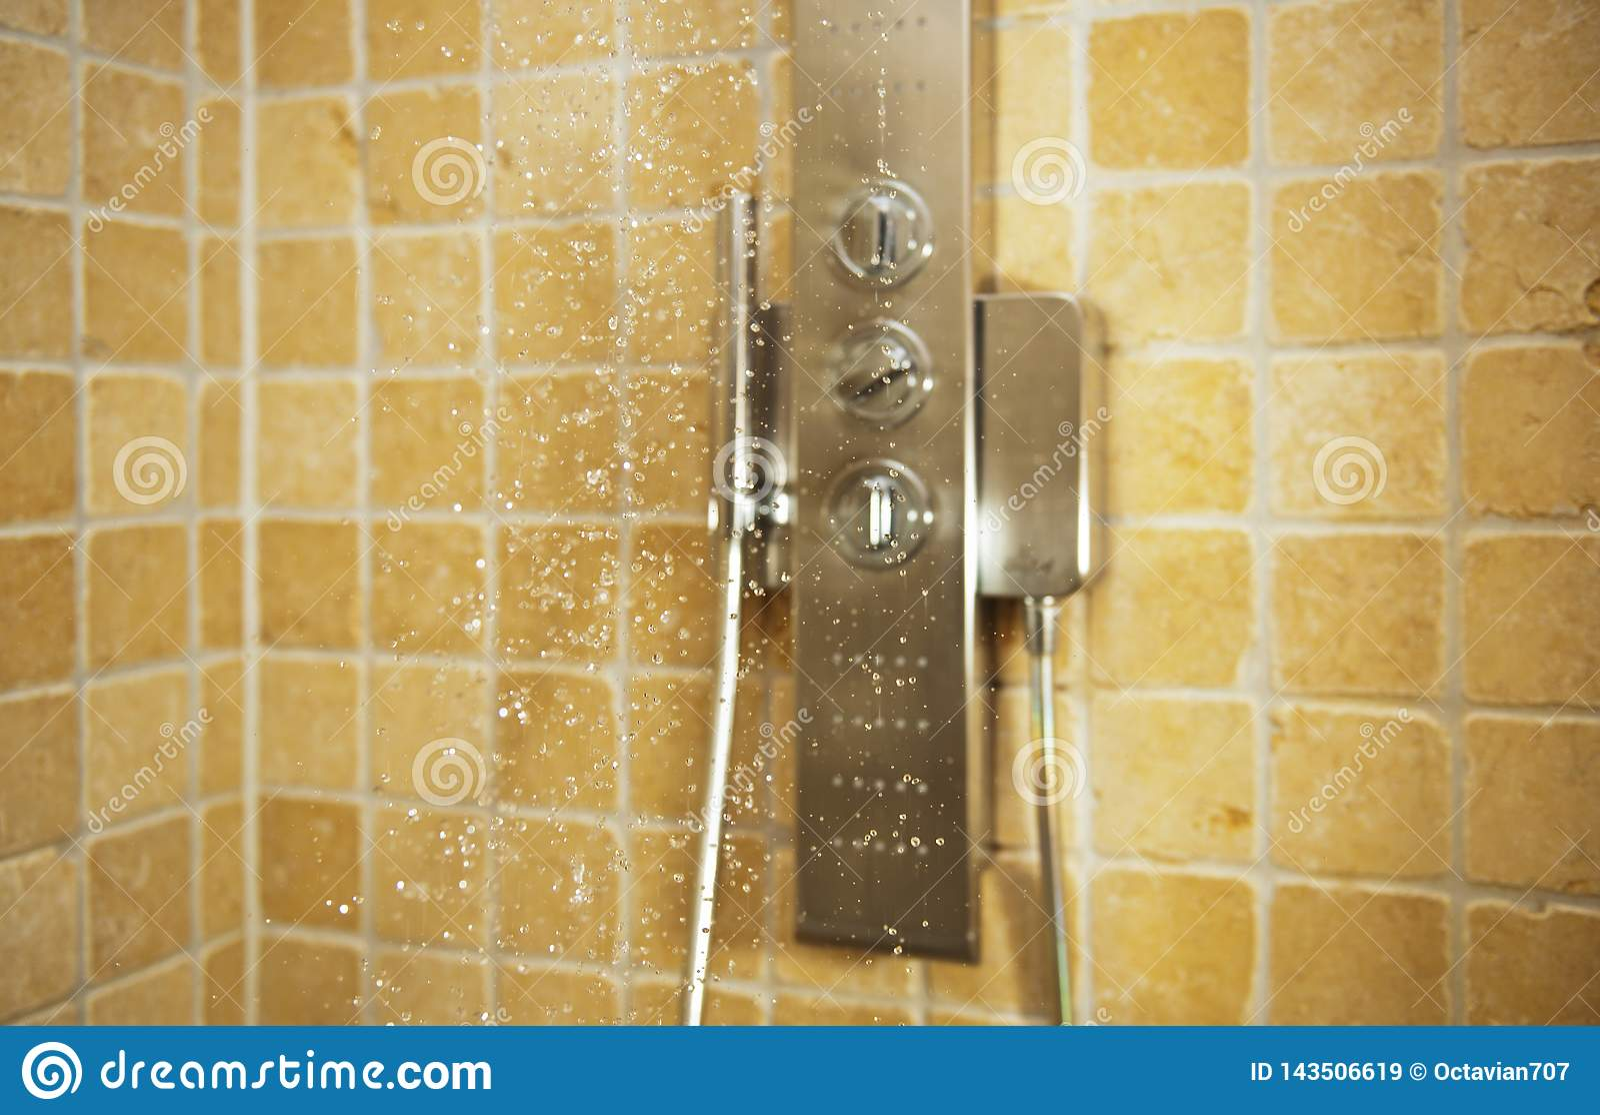 Gotas da água que caem do chuveiro